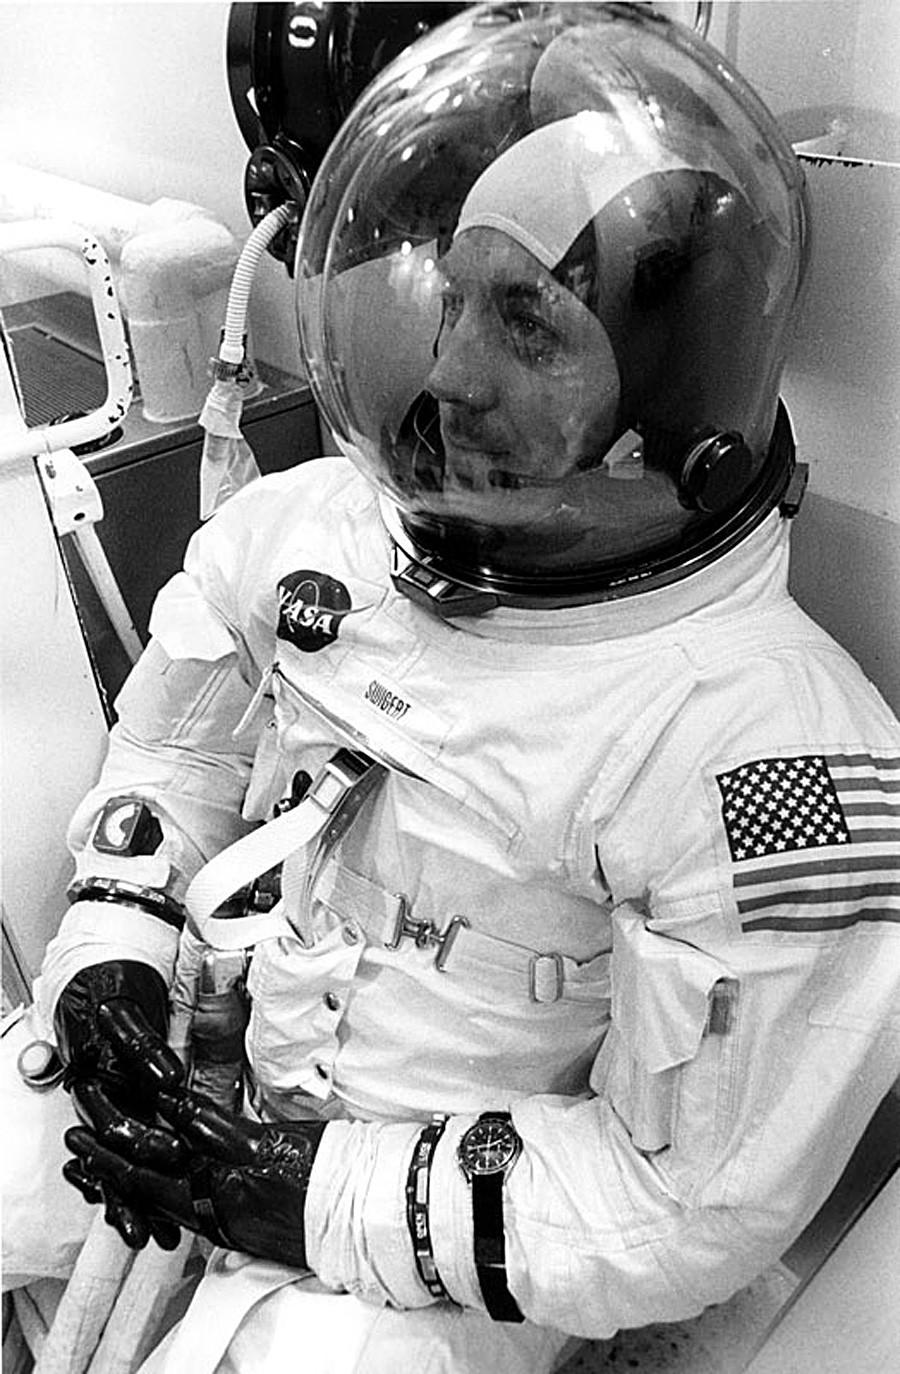 Astronot Amerika Jack Swigert saat hitung mundur sebelum peluncuran Apollo 13, pada 11 April 1970, memakai arloji Omega.